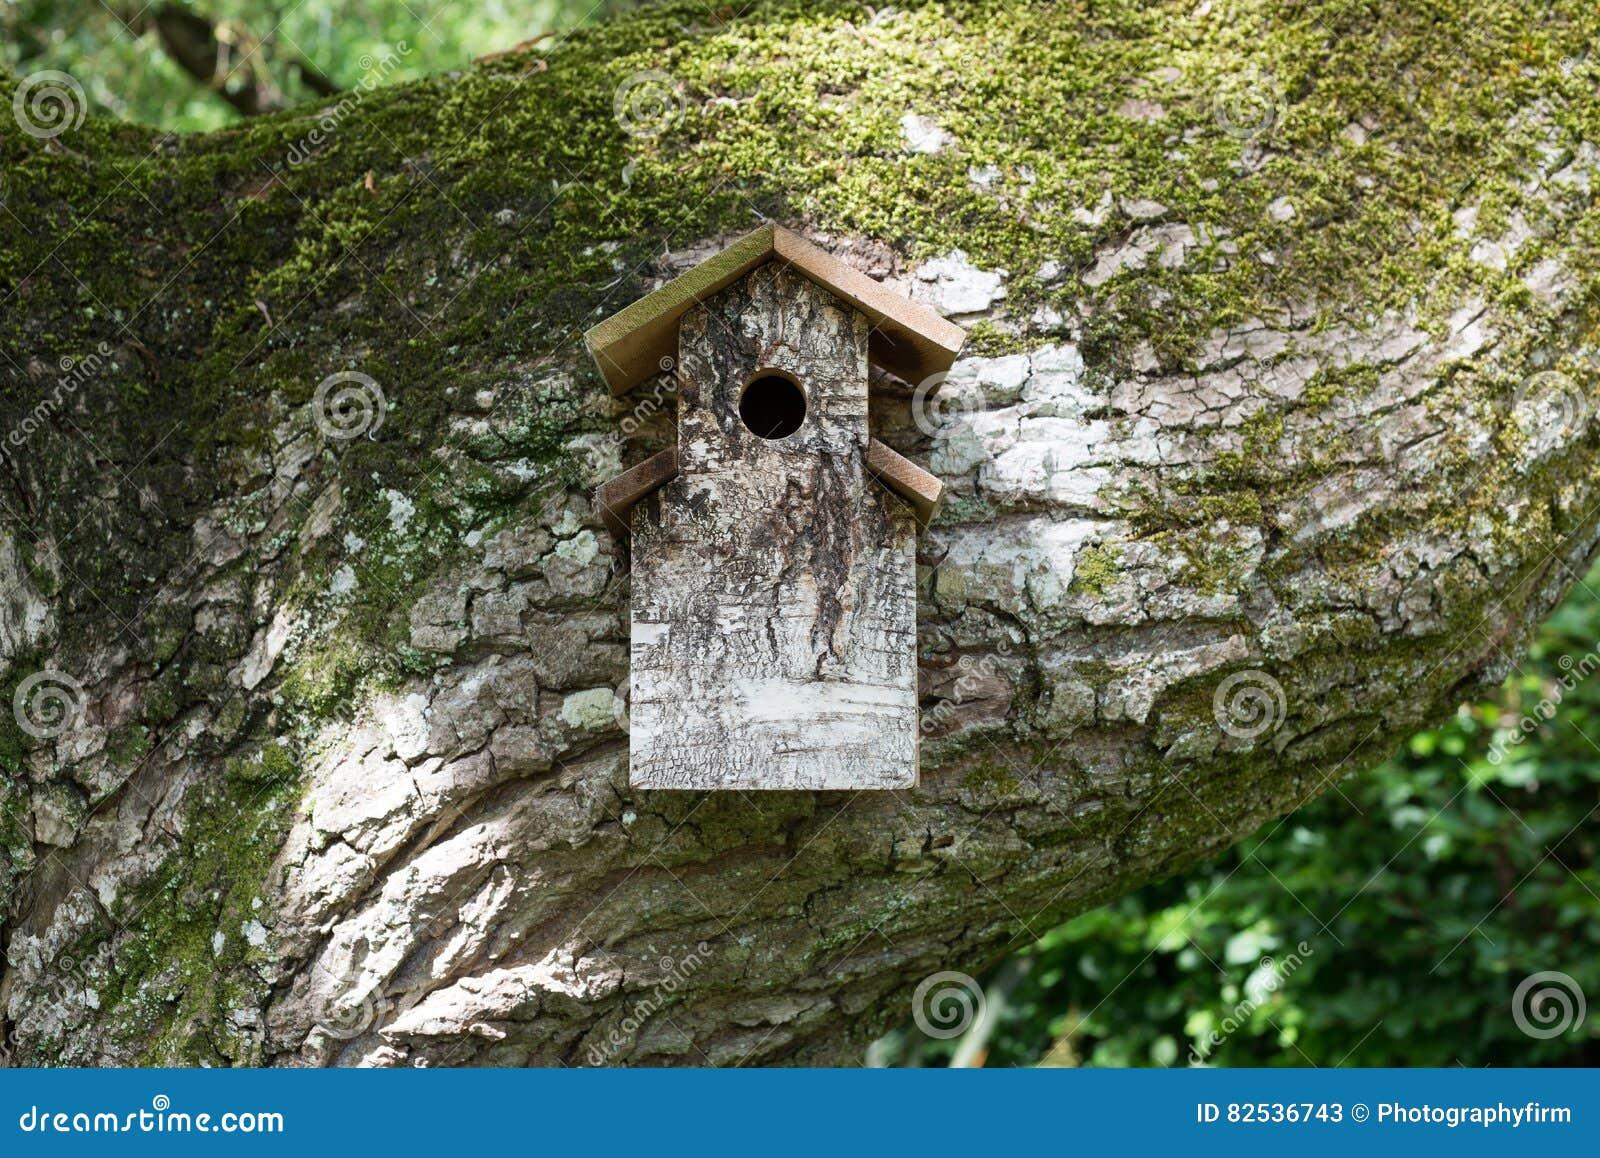 Houten vogelhuis op reusachtige mos behandelde tak